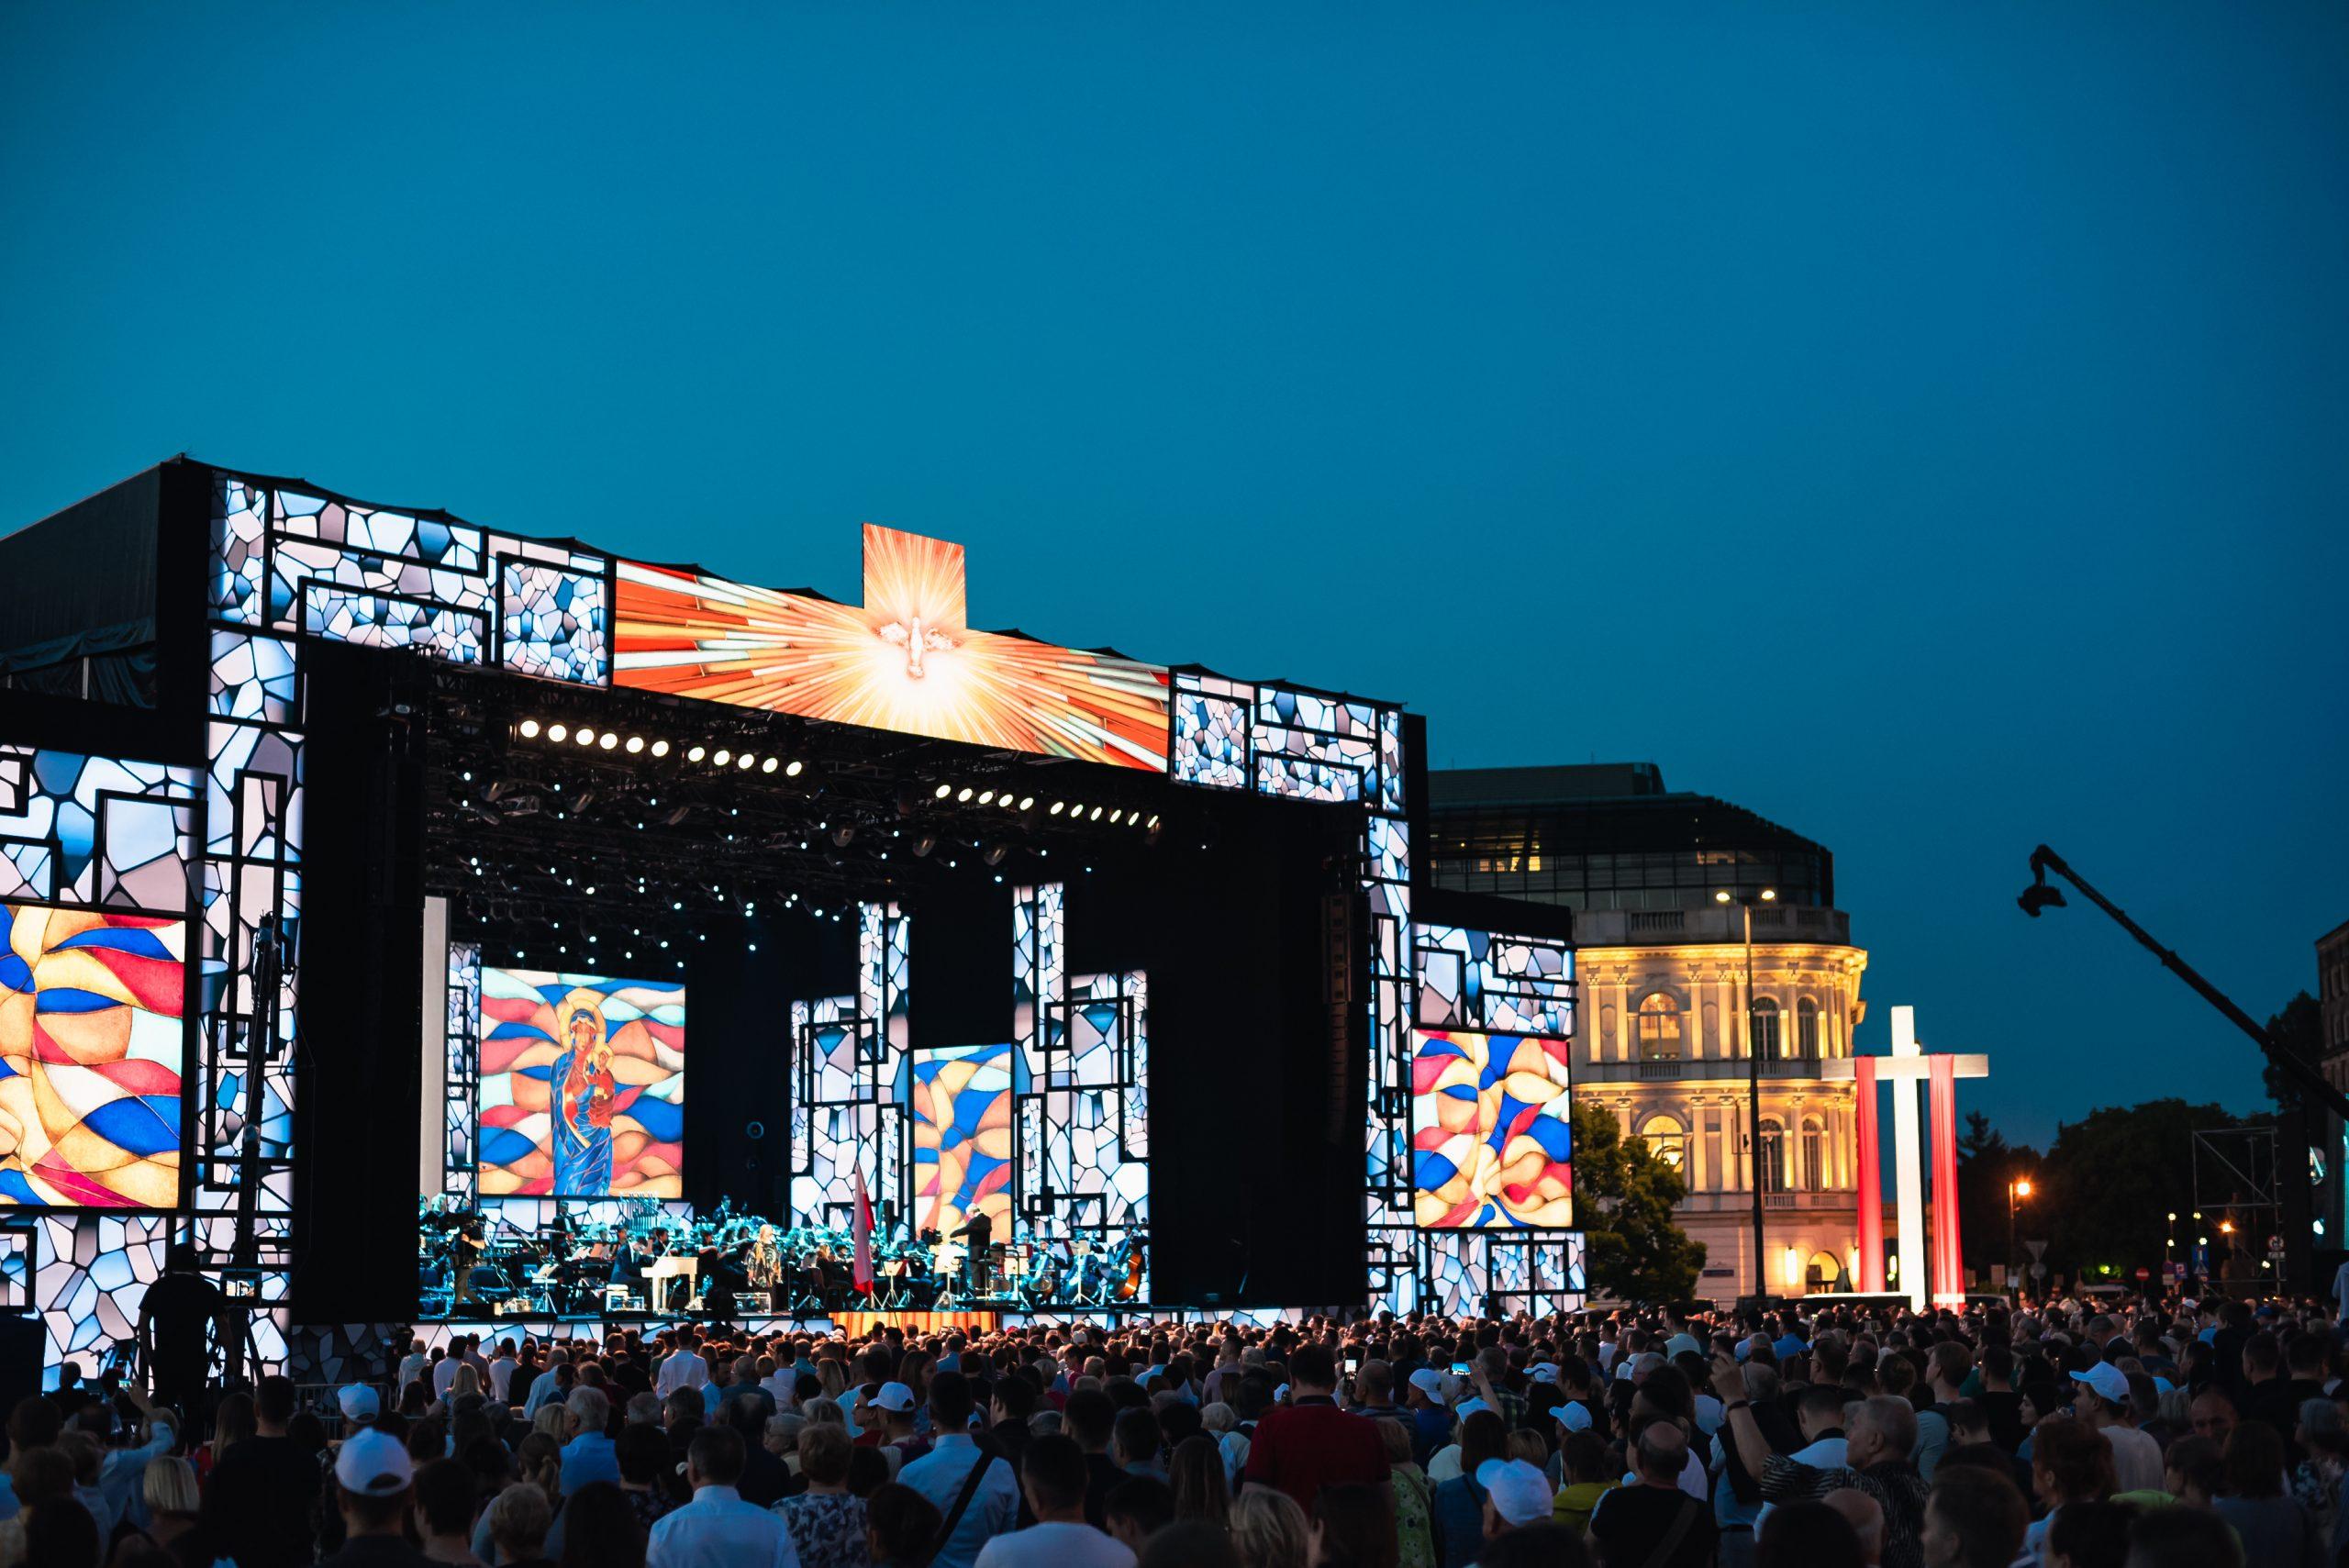 фото, представляющее освещённую сцену во время концерта, окружённую толпой зрителей